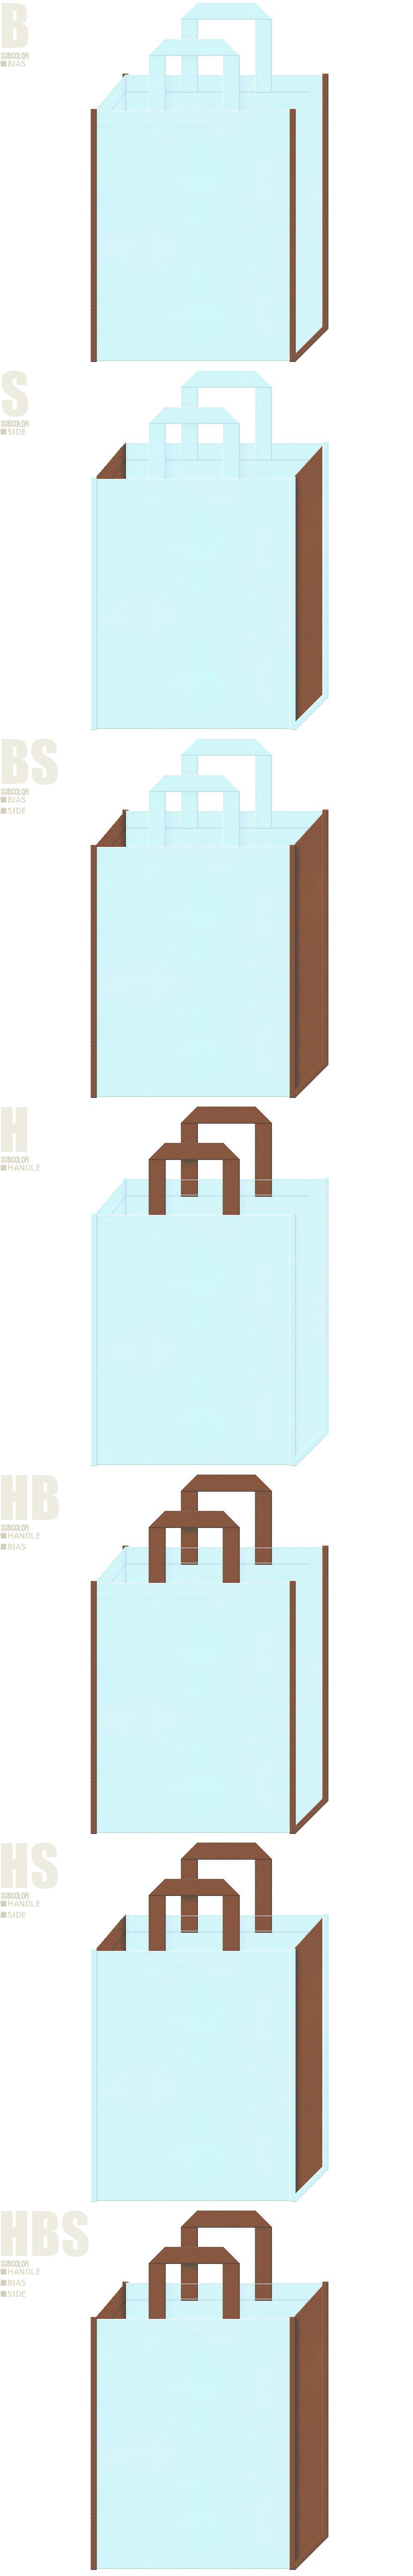 絵本・おとぎ話・ロールプレイングゲーム・ミントチョコレート・ガーリーデザイン・水と環境・水資源・CO2削減・環境イベントにお奨めの不織布バッグデザイン:水色と茶色の配色7パターン